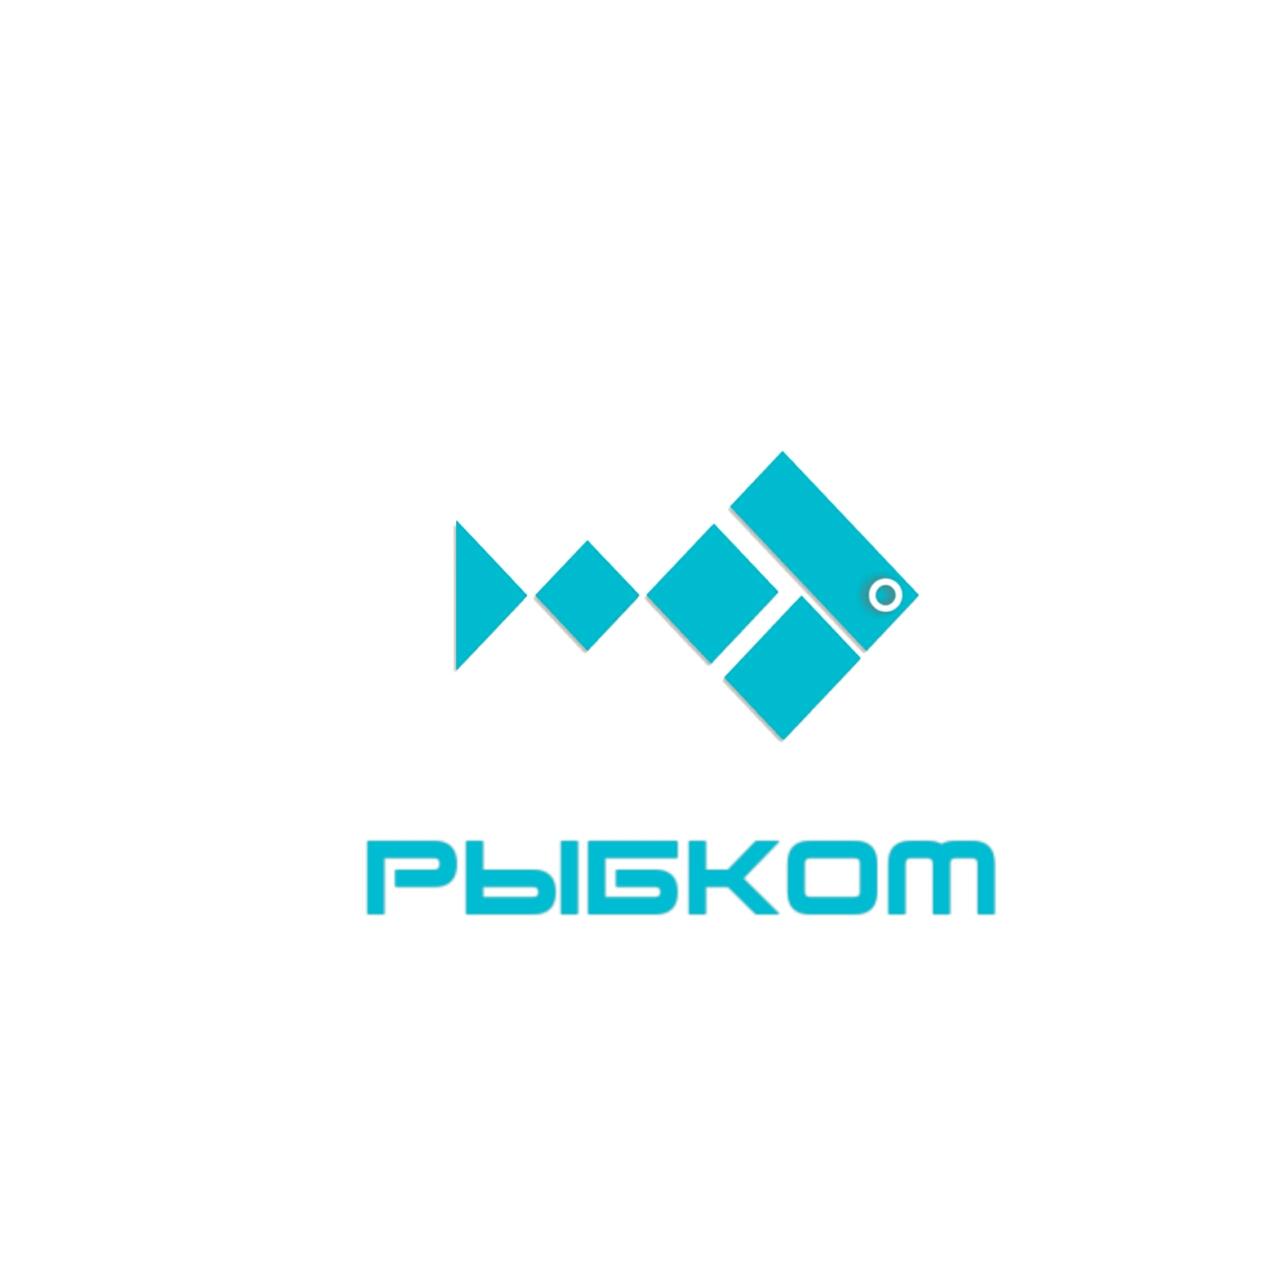 Создание логотипа и брэндбука для компании РЫБКОМ фото f_2835c197509b035d.jpg